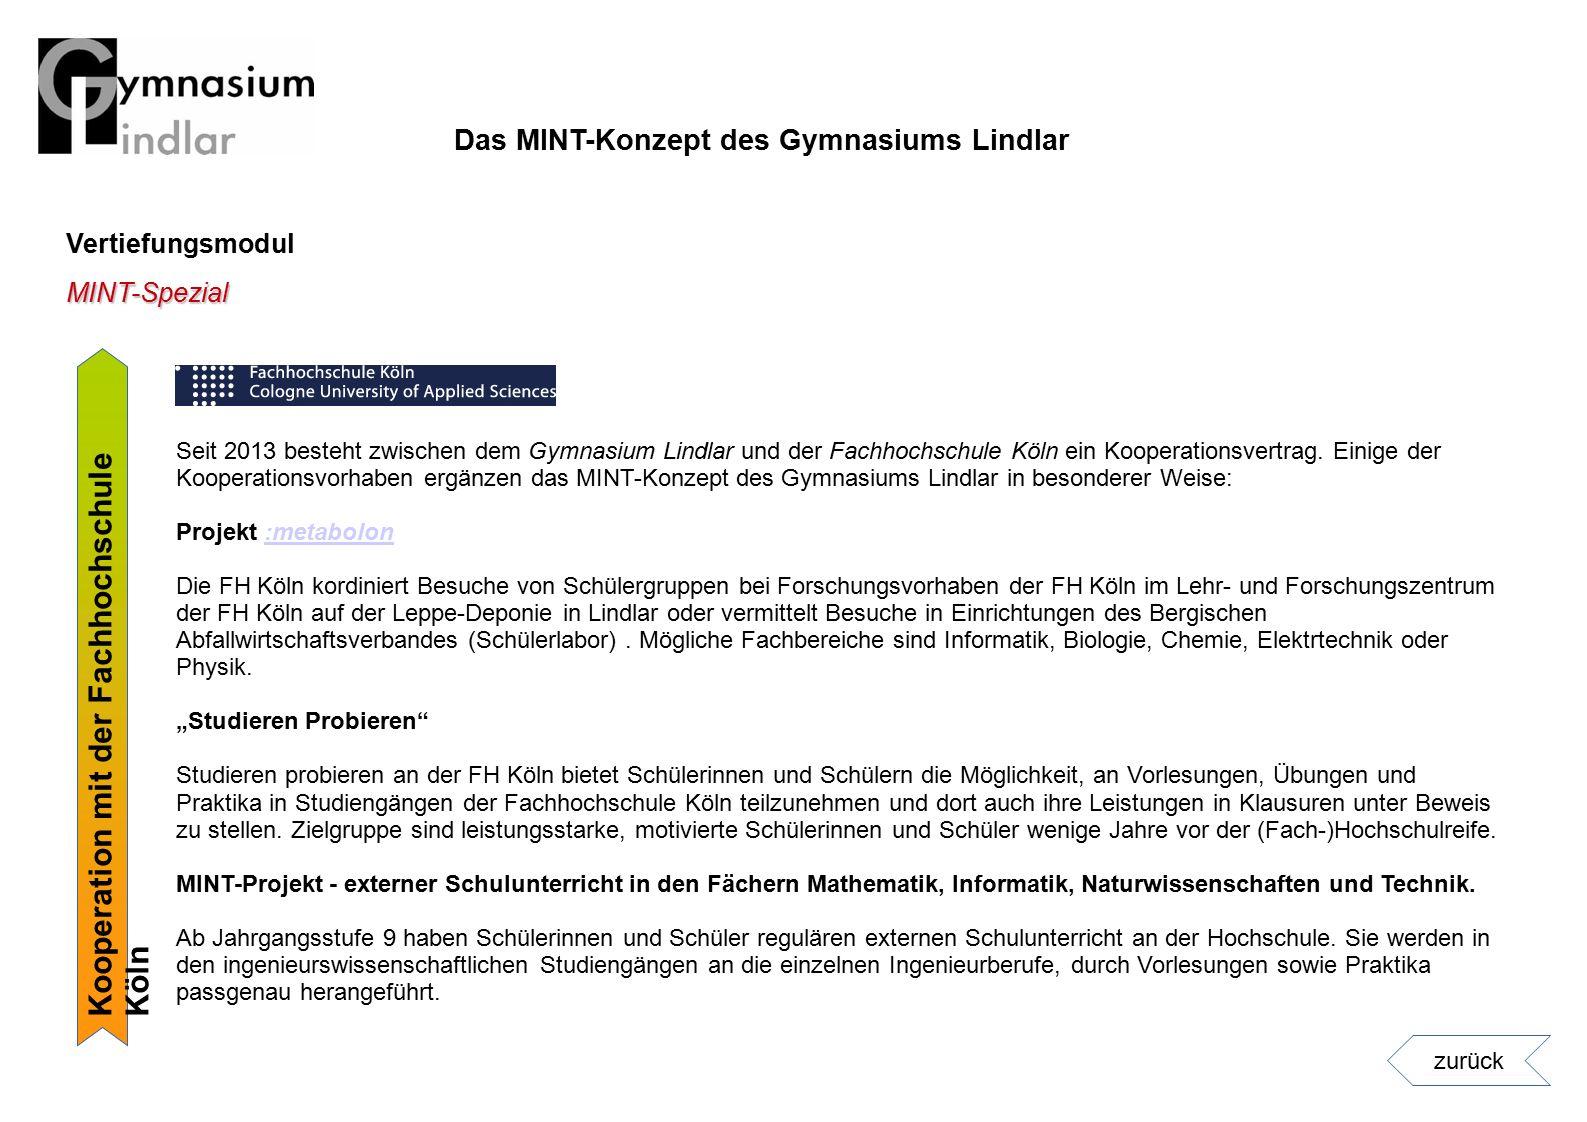 Vertiefungsmodul Kooperation mit der Fachhochschule Köln MINT-Spezial Seit 2013 besteht zwischen dem Gymnasium Lindlar und der Fachhochschule Köln ein